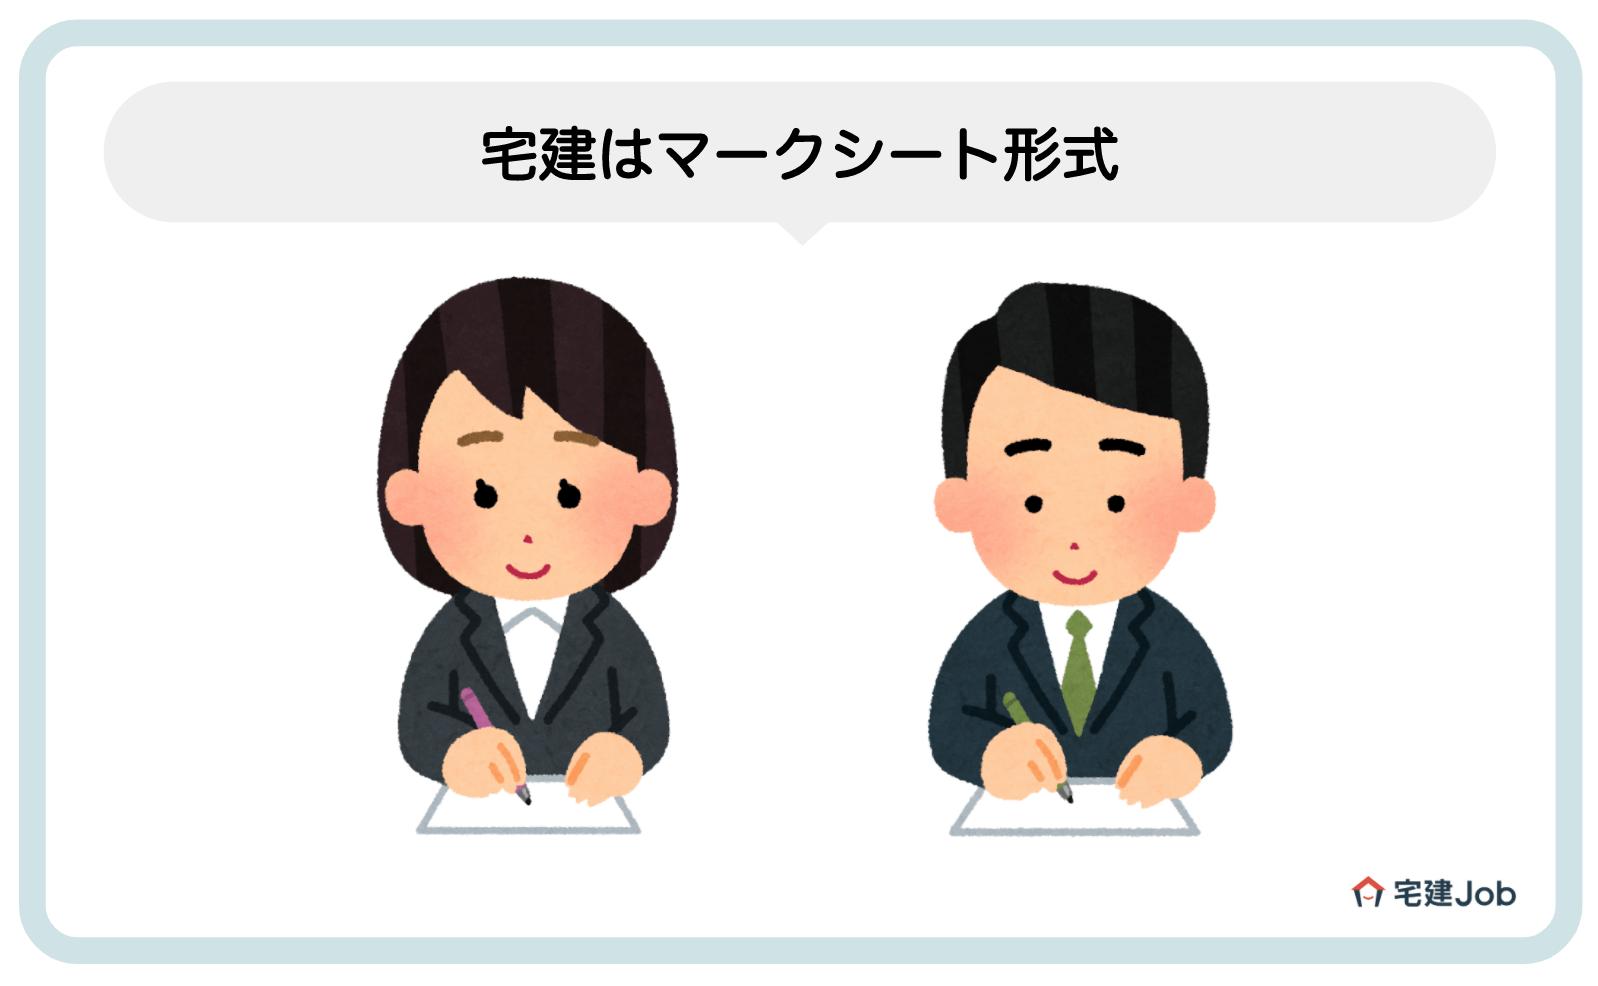 1.宅建はマークシート形式【四肢択一式】